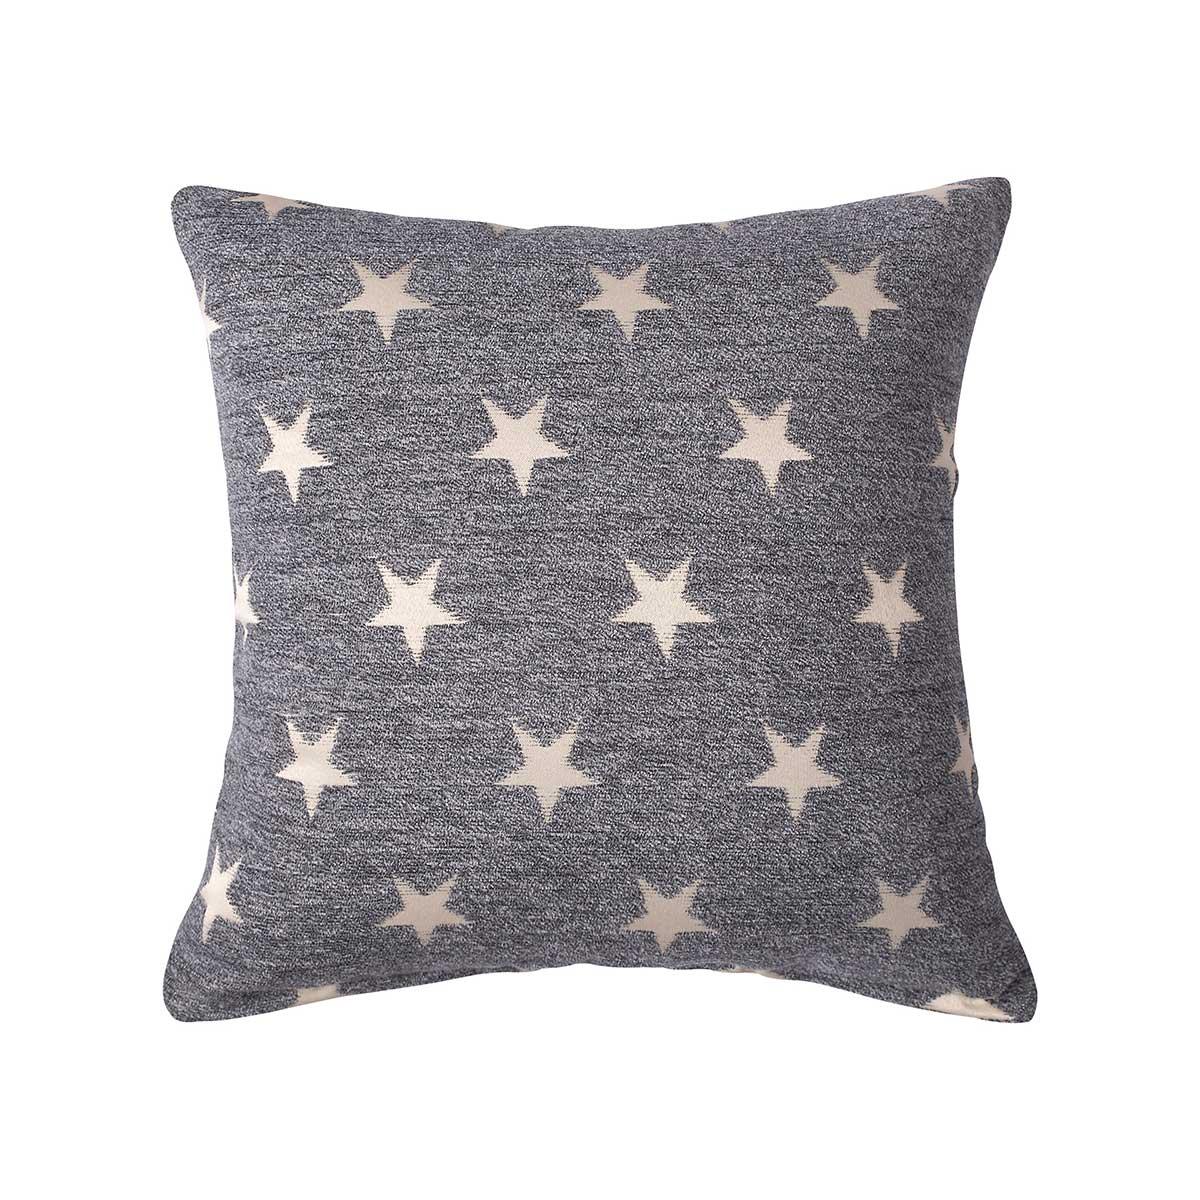 Διακοσμητική Μαξιλαροθήκη (45x45) Silk Fashion A802 Star Γκρι